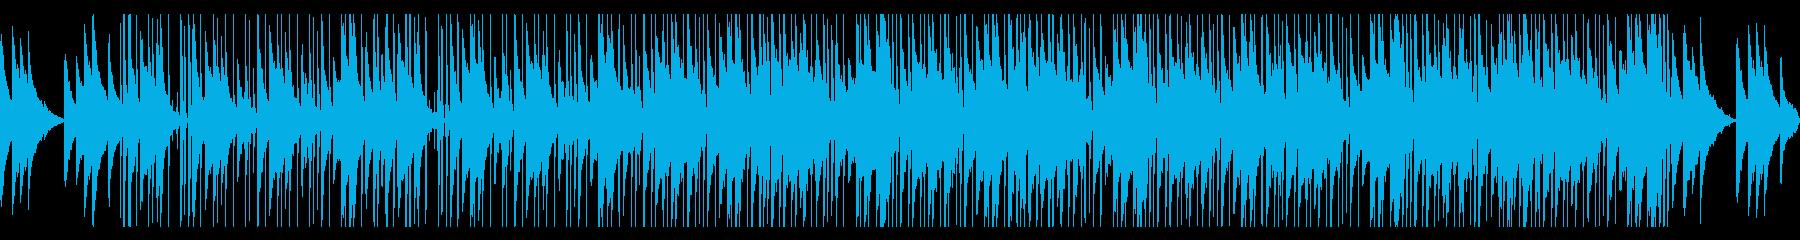 大人っぽい色気のあるヒップホップの再生済みの波形